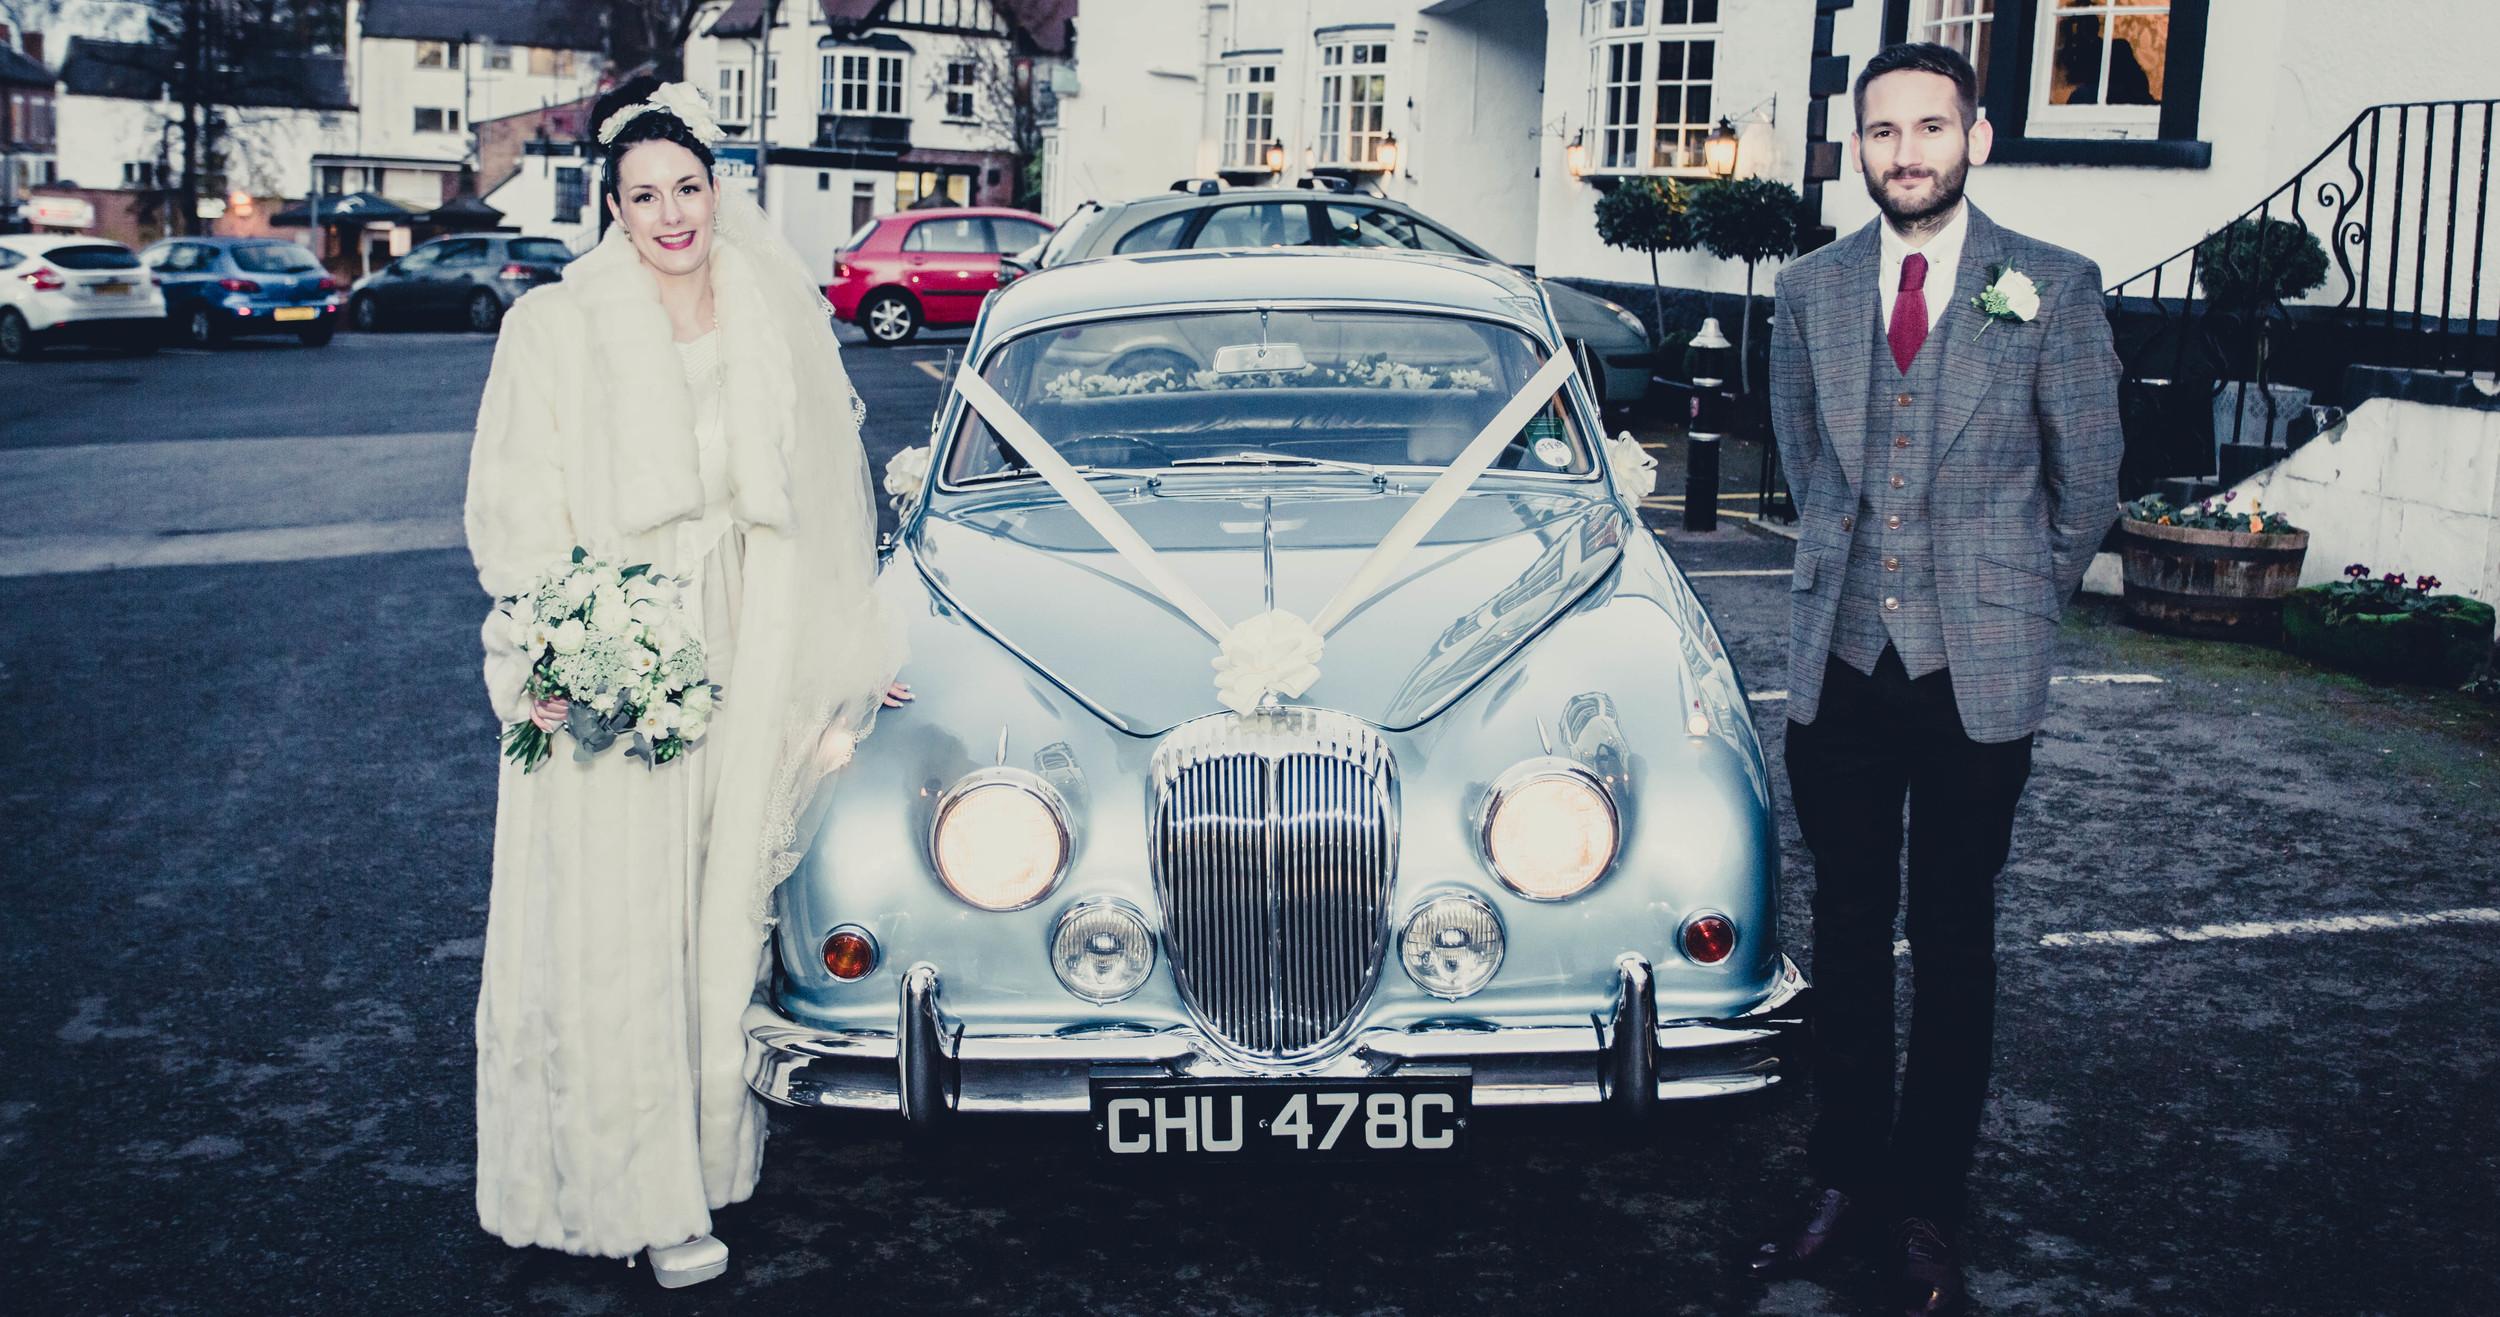 142 - Angela and Karls Wedding by www.markpugh.com -6928.jpg